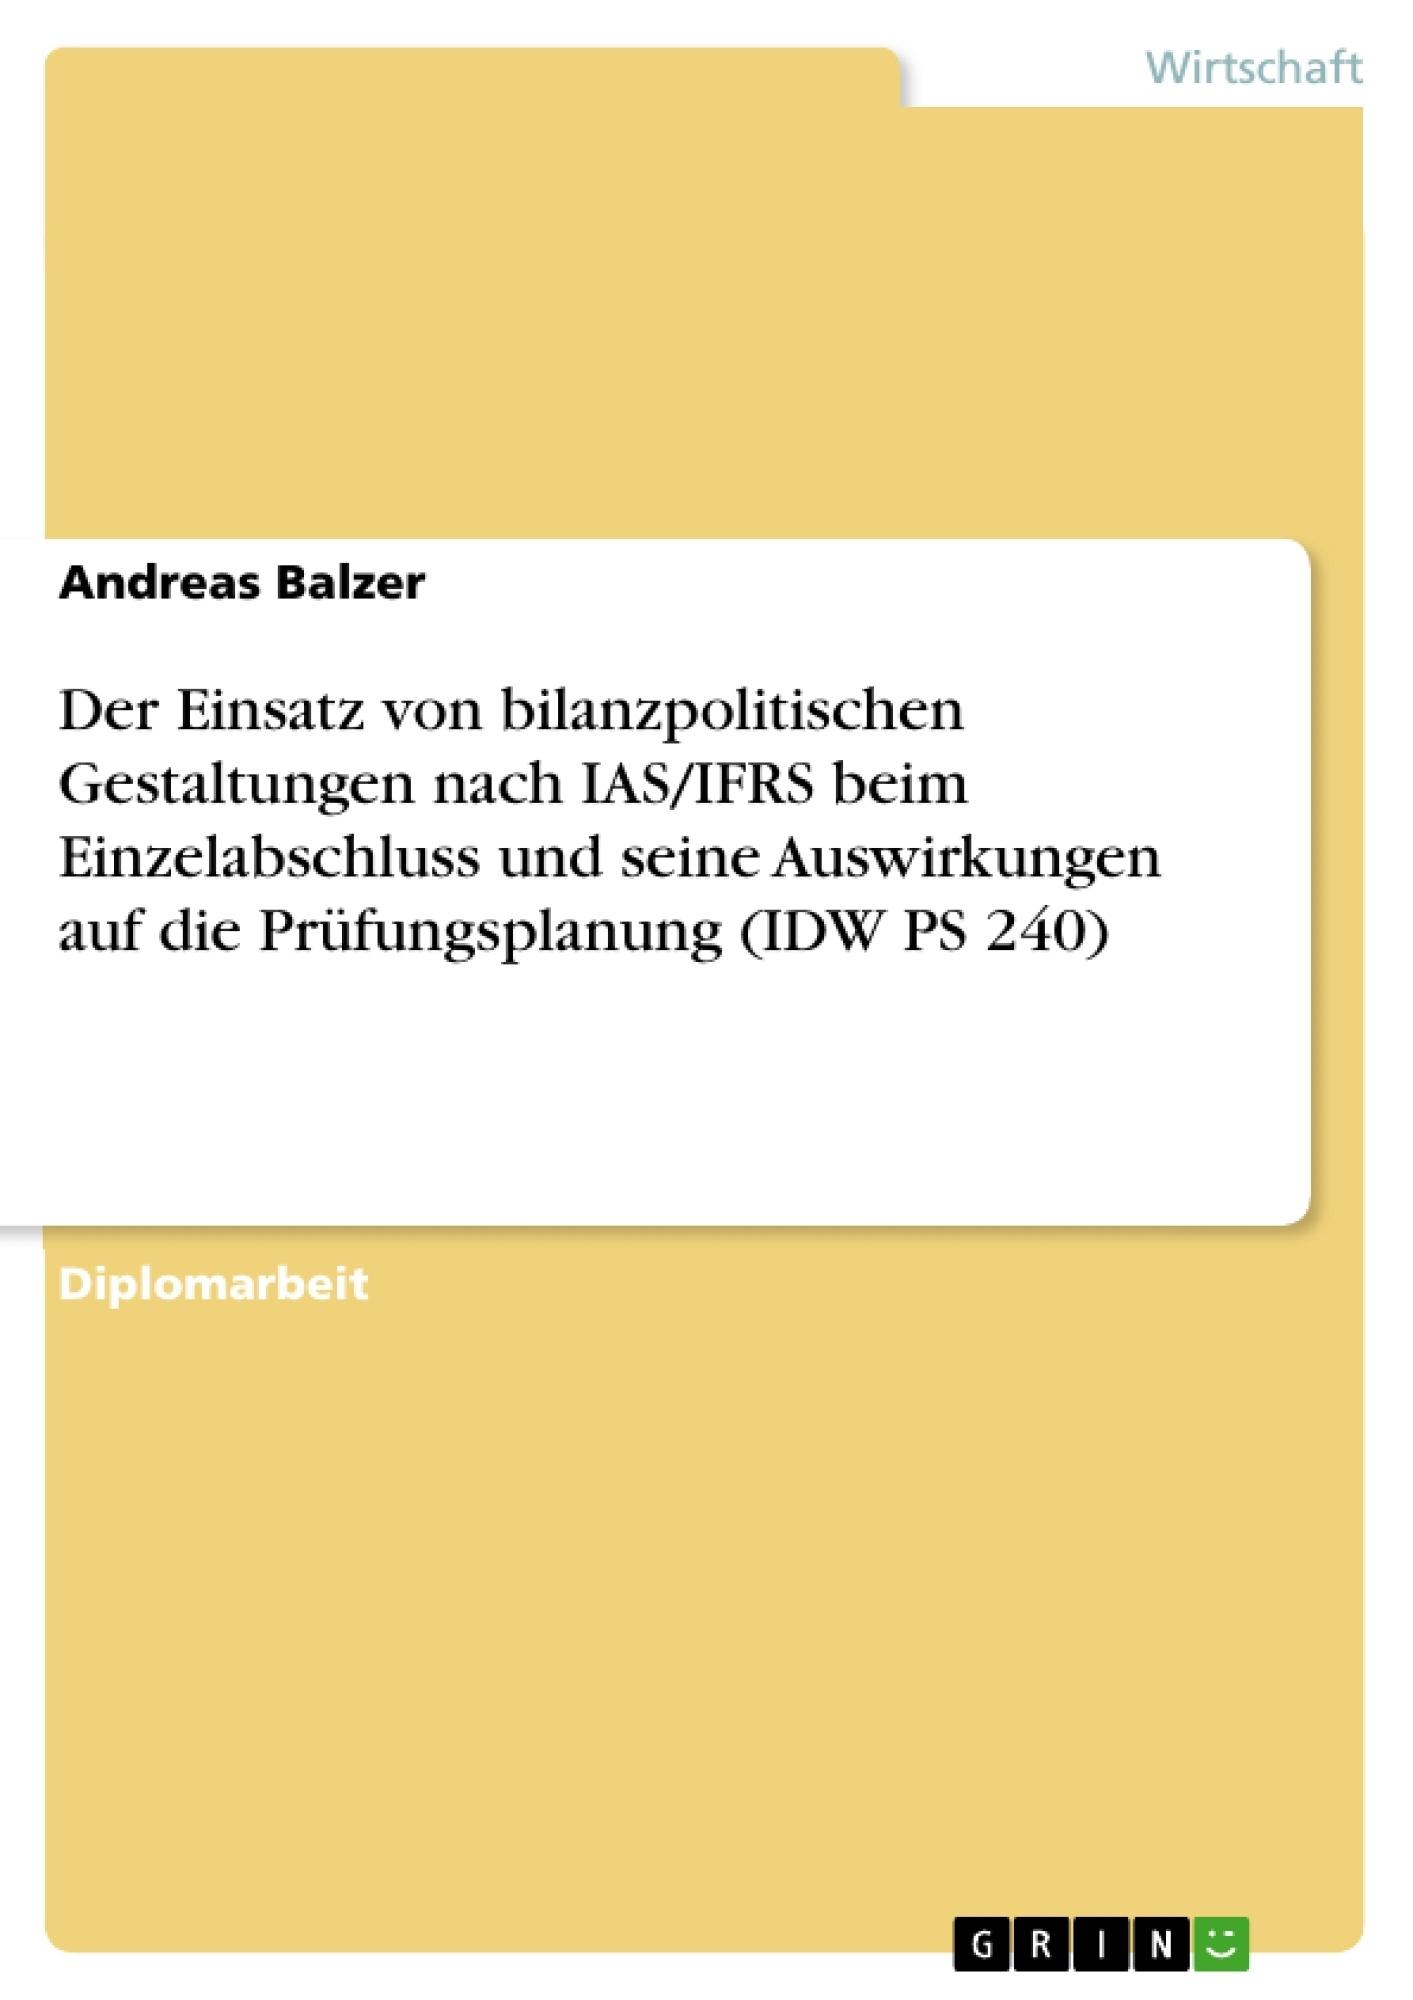 Titel: Der Einsatz von bilanzpolitischen Gestaltungen nach IAS/IFRS beim Einzelabschluss und seine Auswirkungen auf die Prüfungsplanung (IDW PS 240)